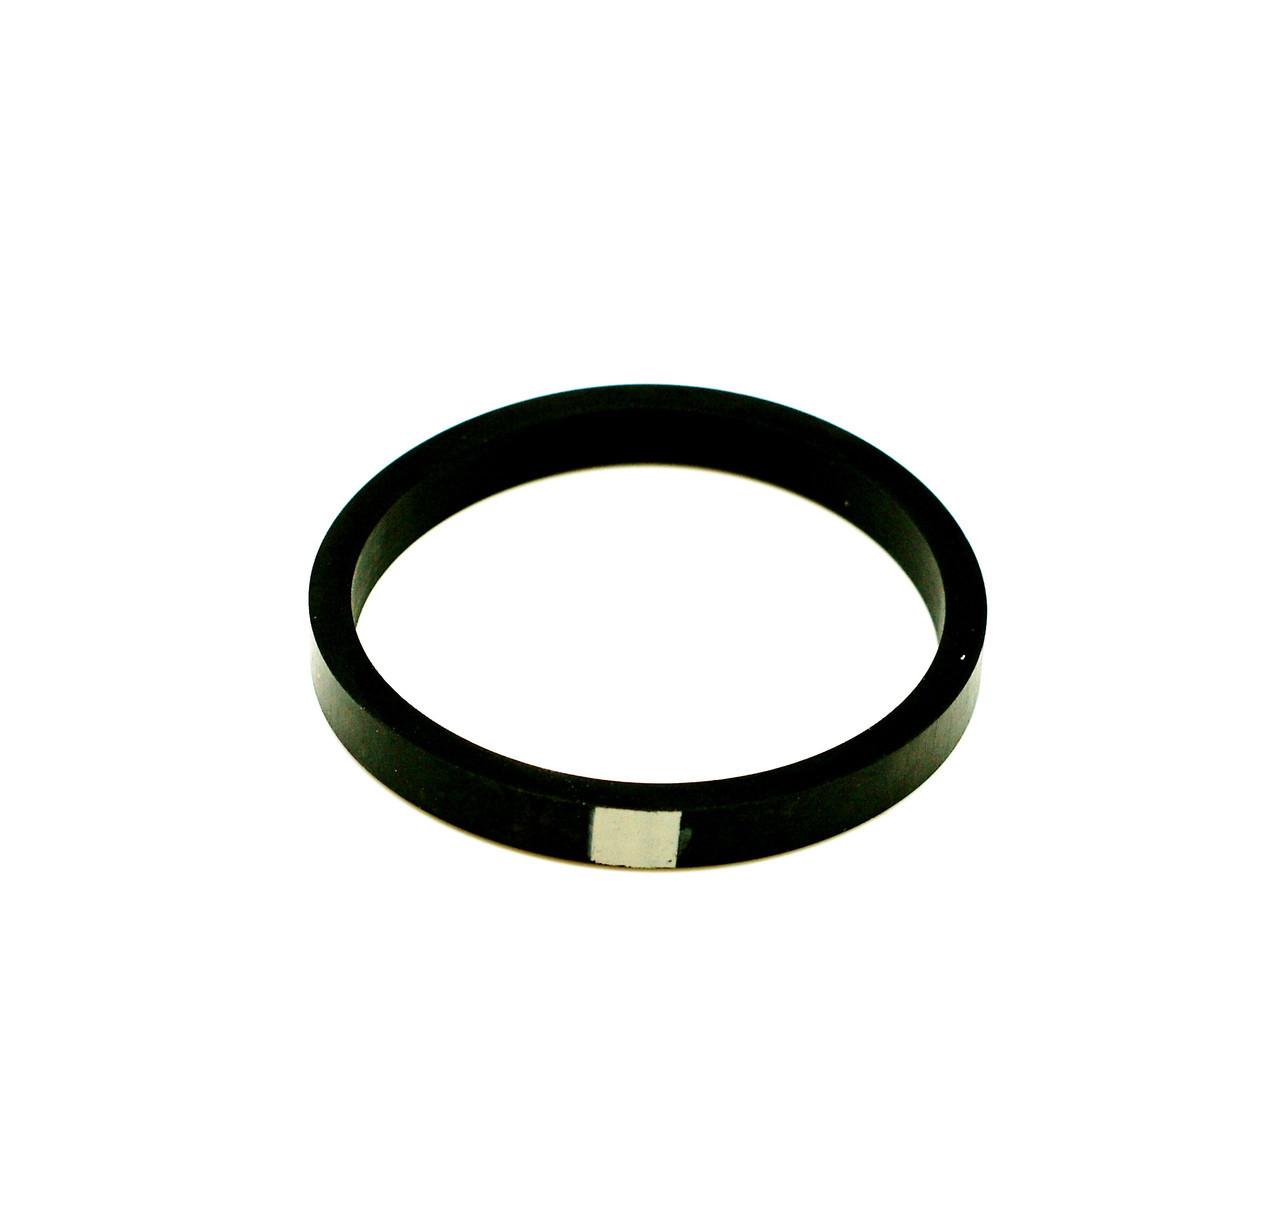 Кольцо уплотнительное корпуса маслозаливной горловины Cummins ISL9, QSL 3903475